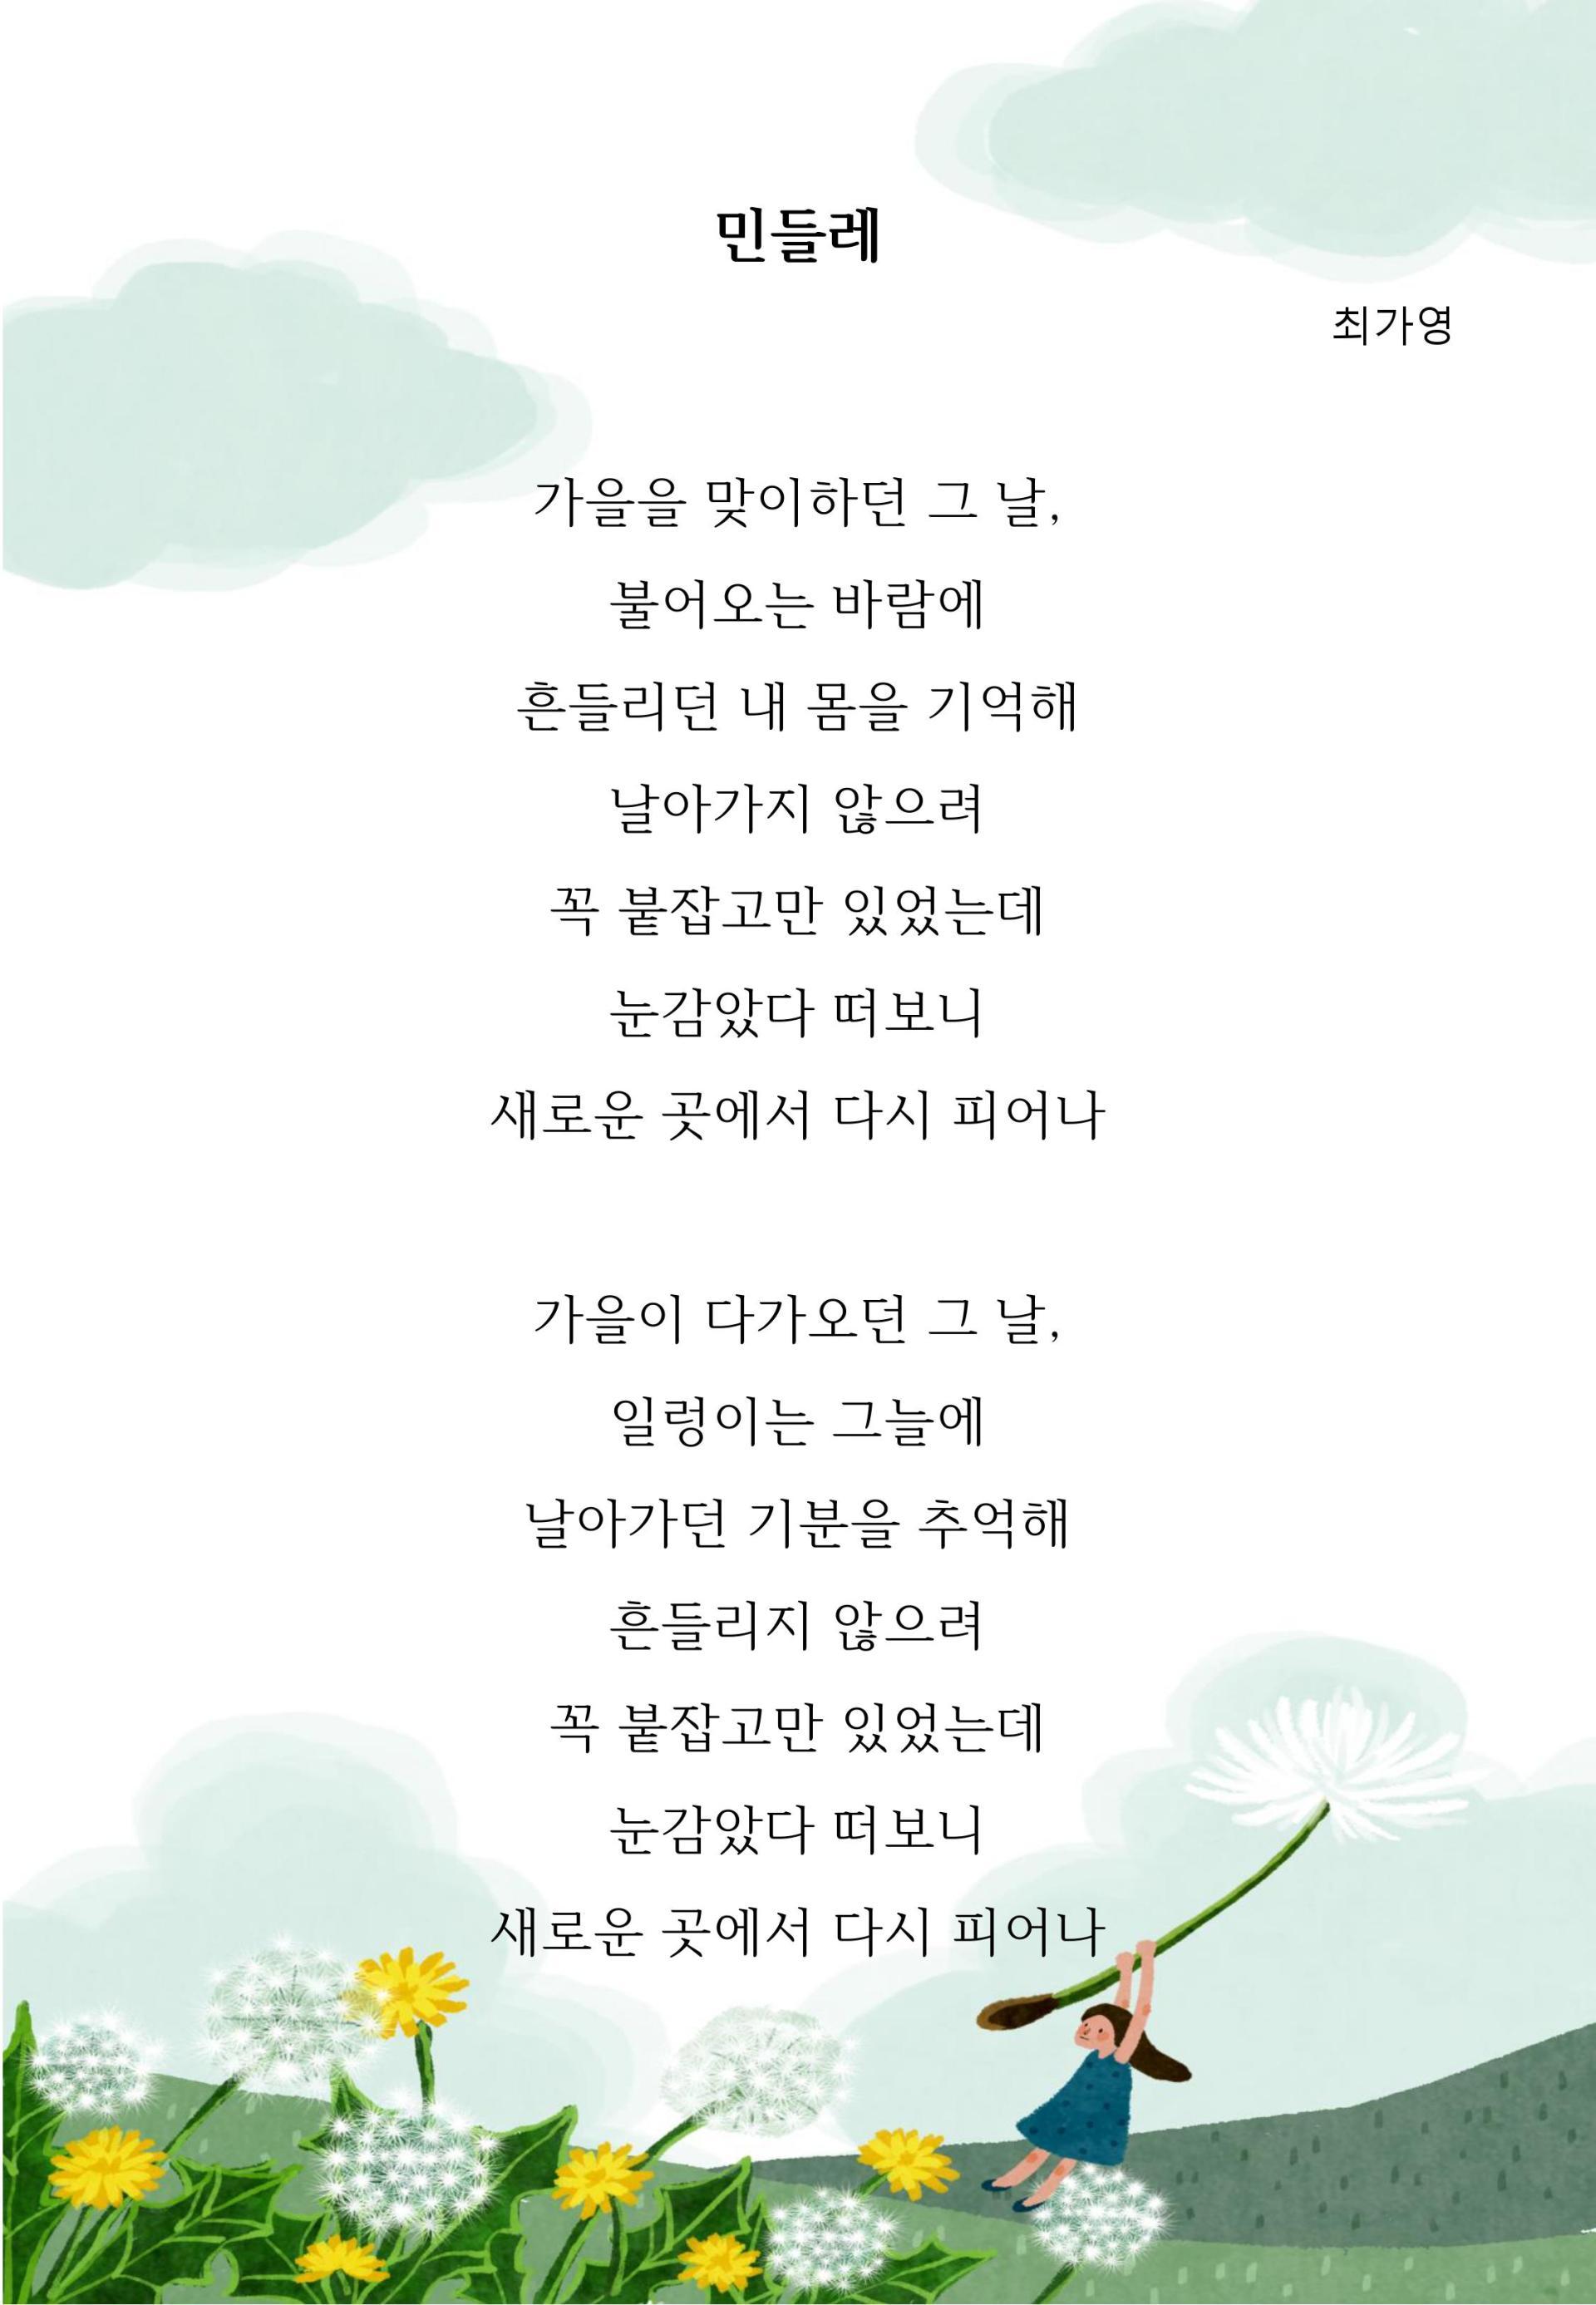 작품명 - 민들레